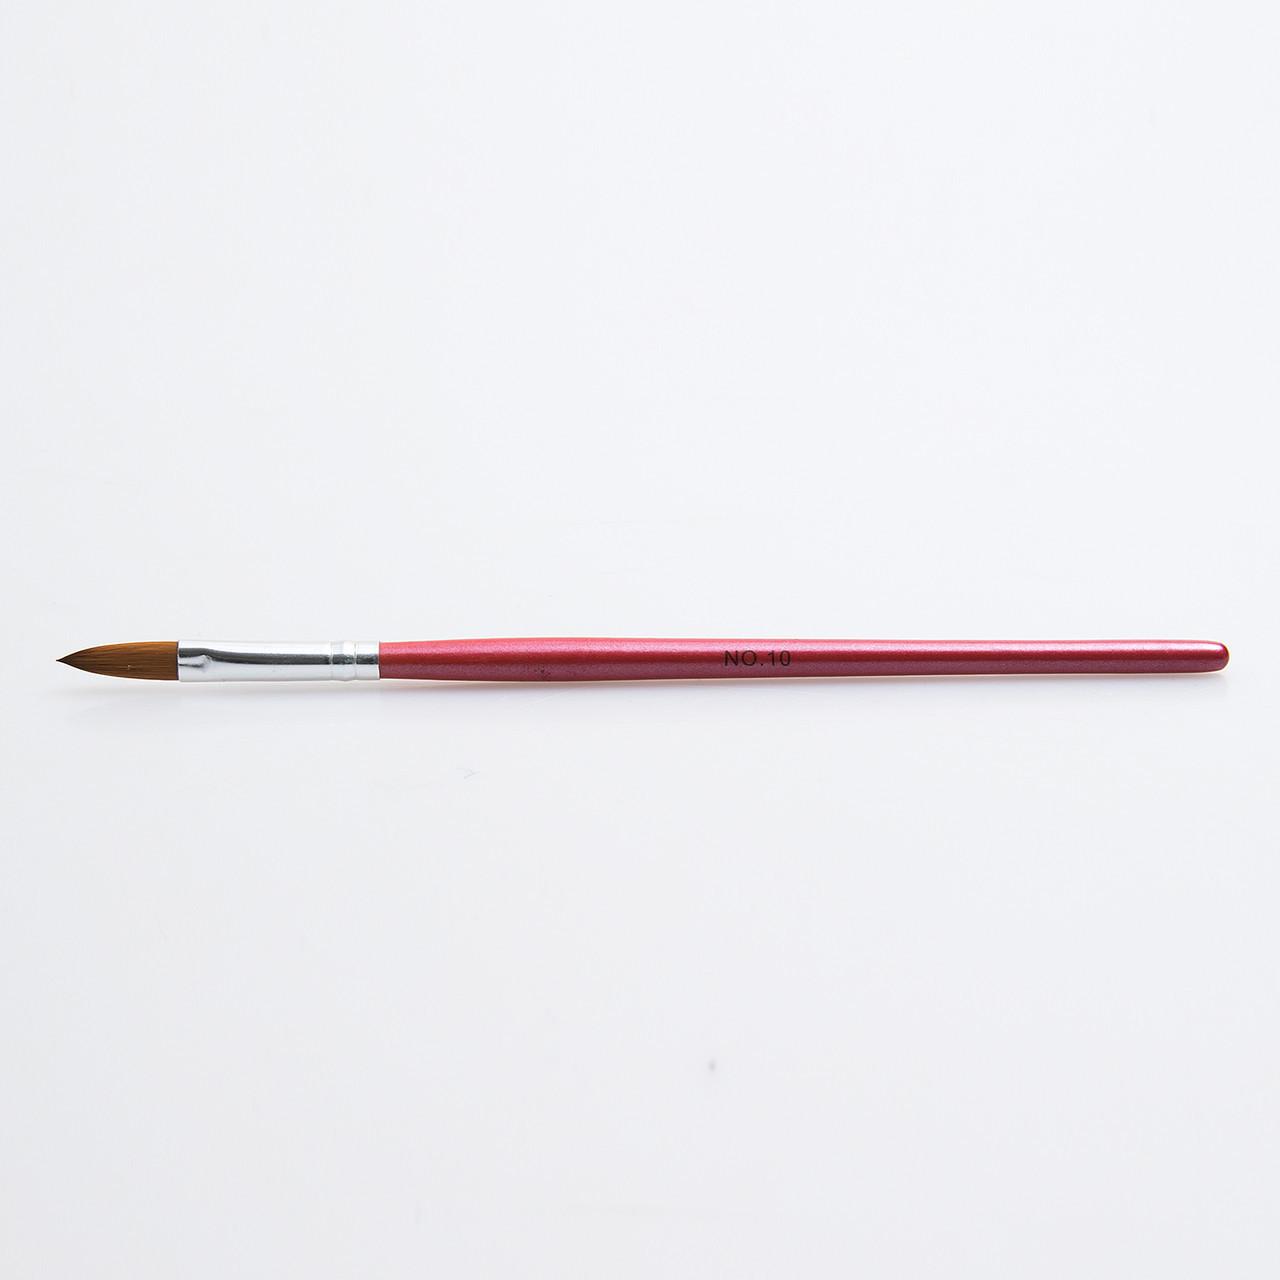 Кисть для акрила №10, красная ручка